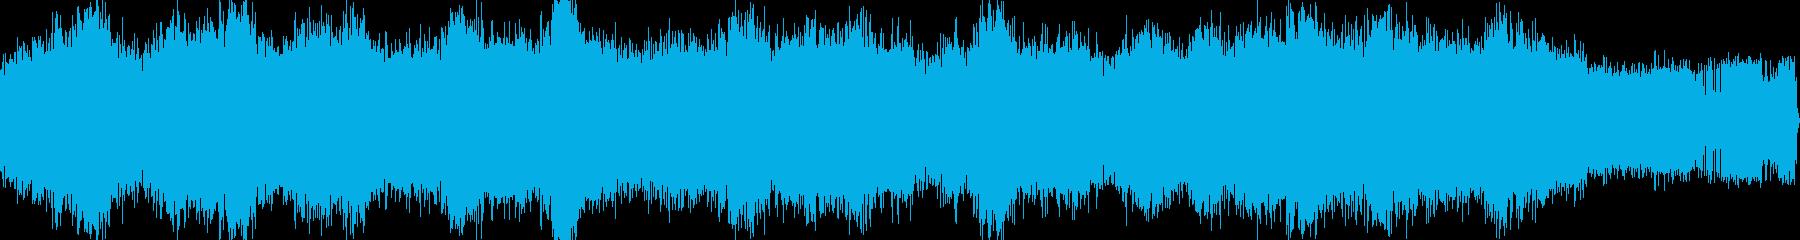 オブジェクト、シズル、スパーク、ス...の再生済みの波形